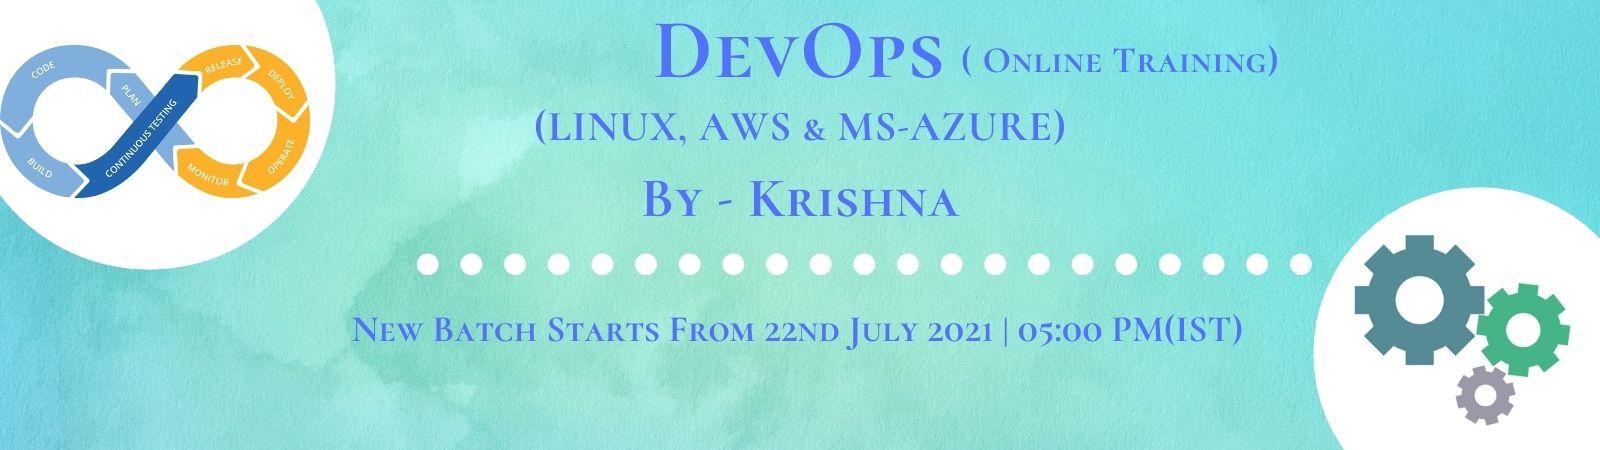 DevOps Banner